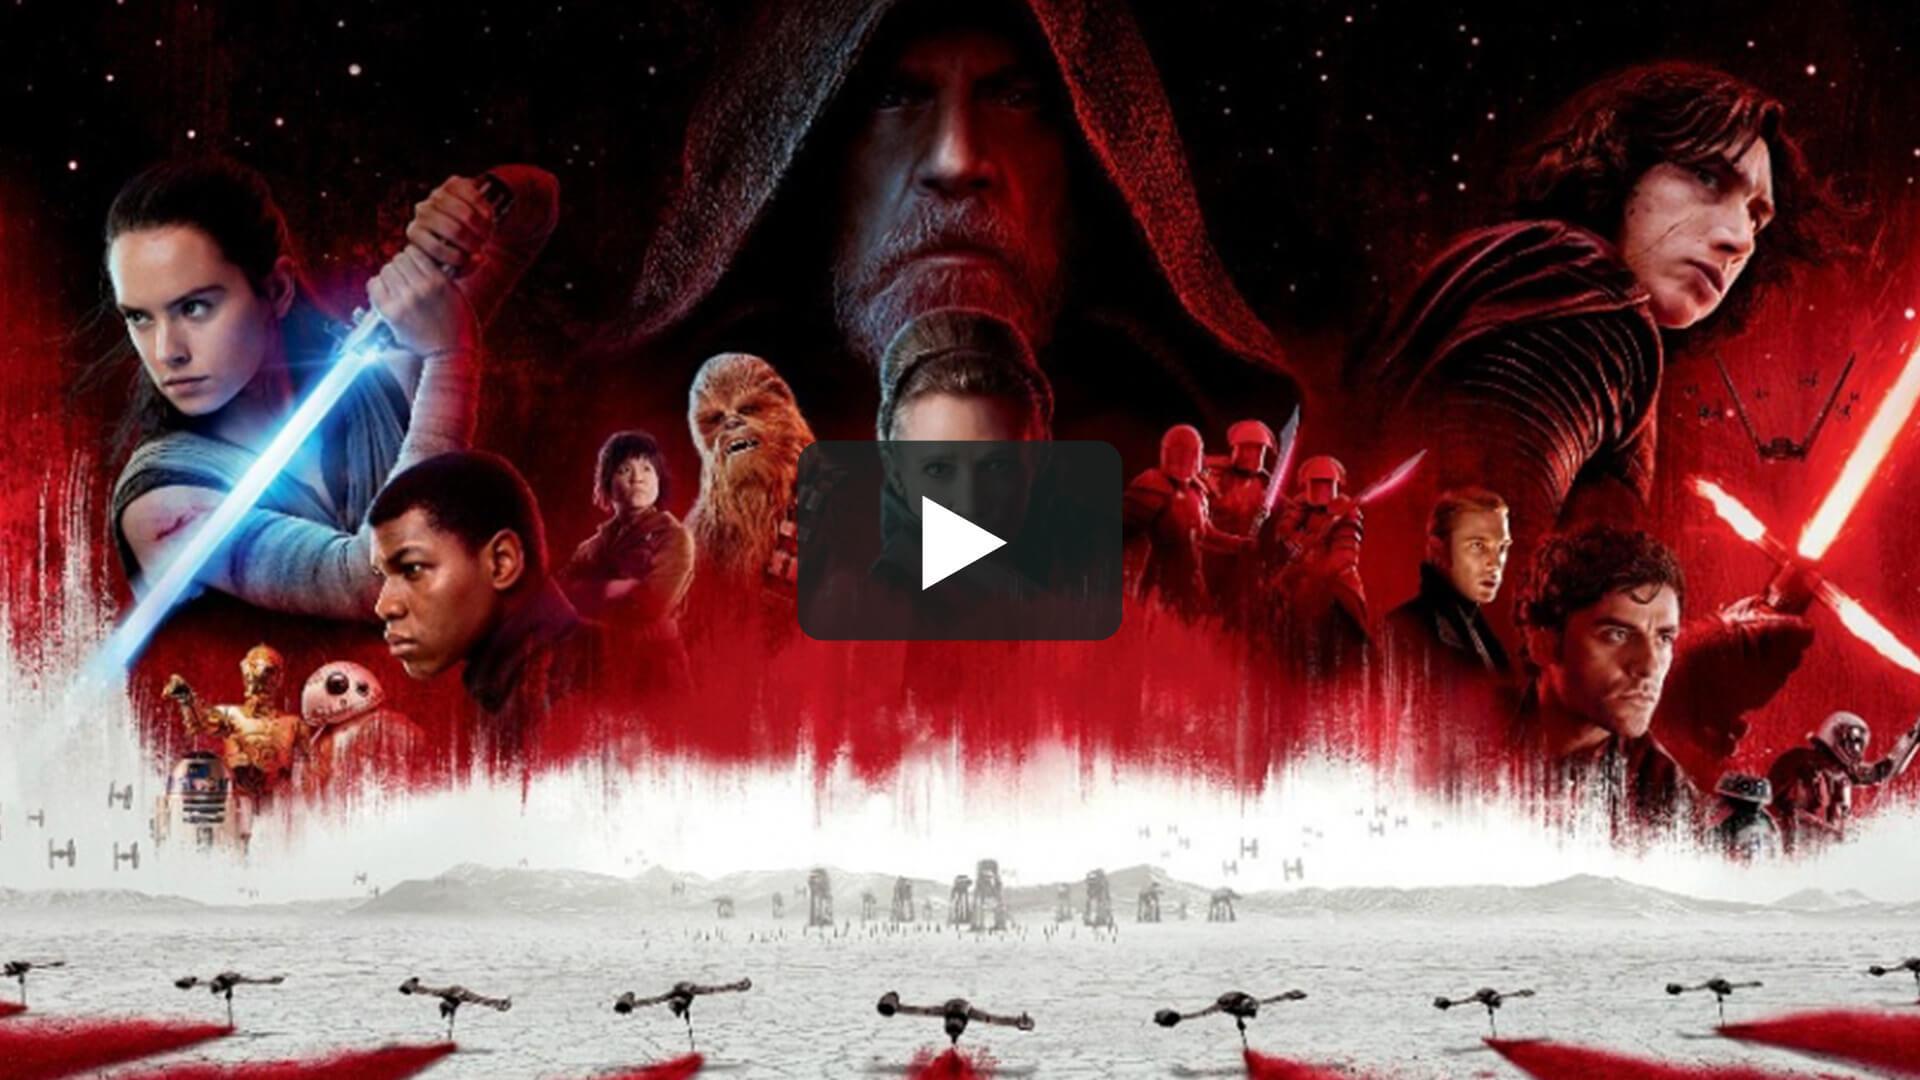 Star Wars: The Last Jedi - 星球大戰8:最後的絕地武士